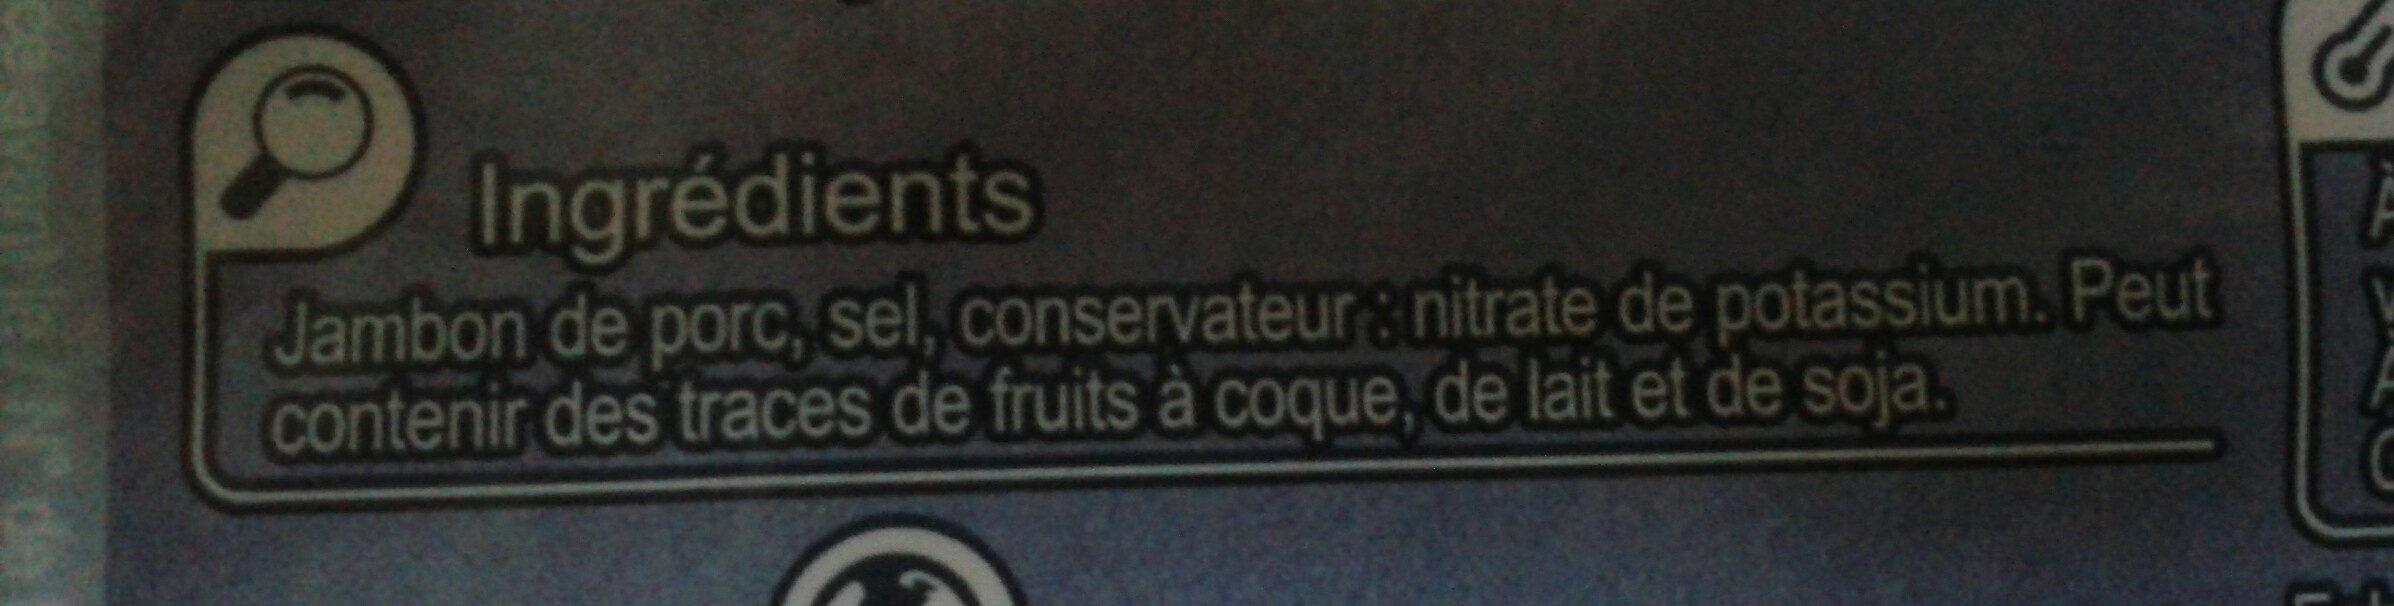 Jambon sec  Qualité supérieure - Ingredienti - fr